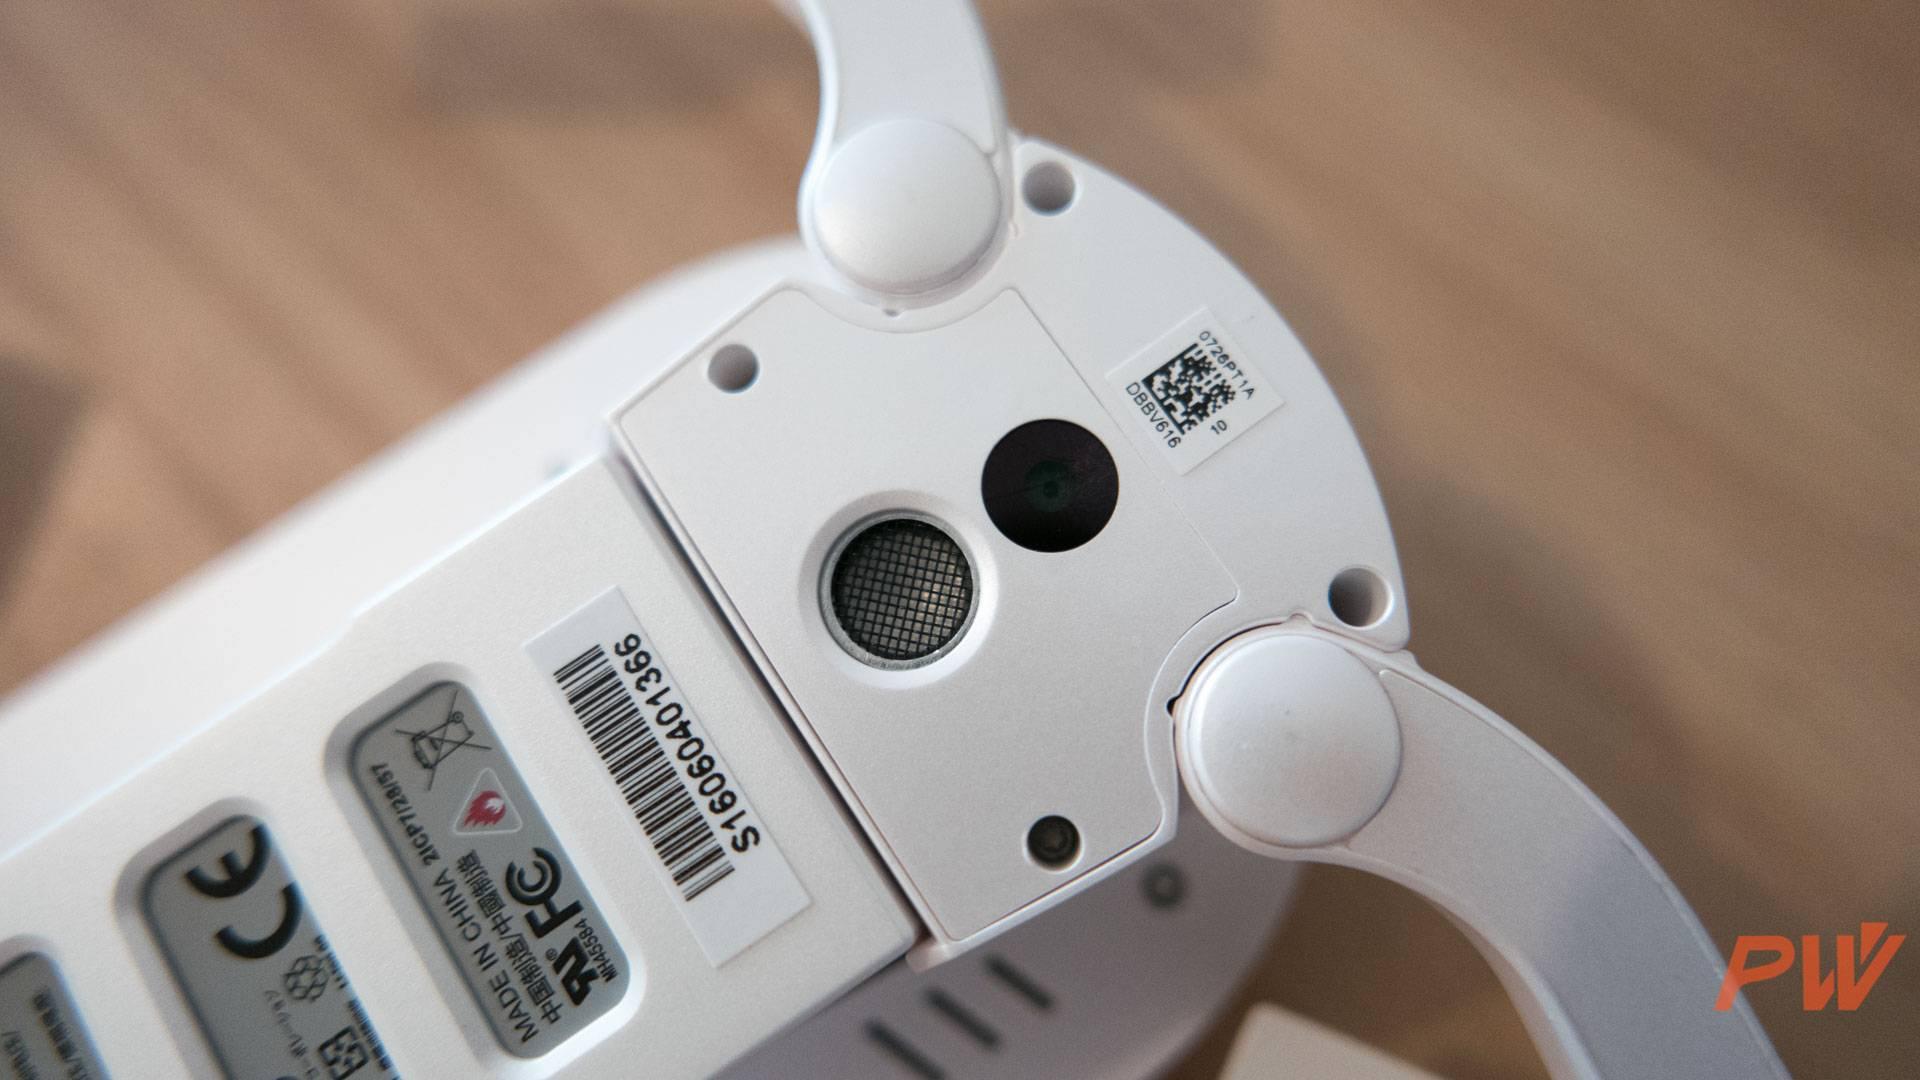 Zero Tech DJI Dobby Consumer edition PingWest Photo By Hao Ying-7